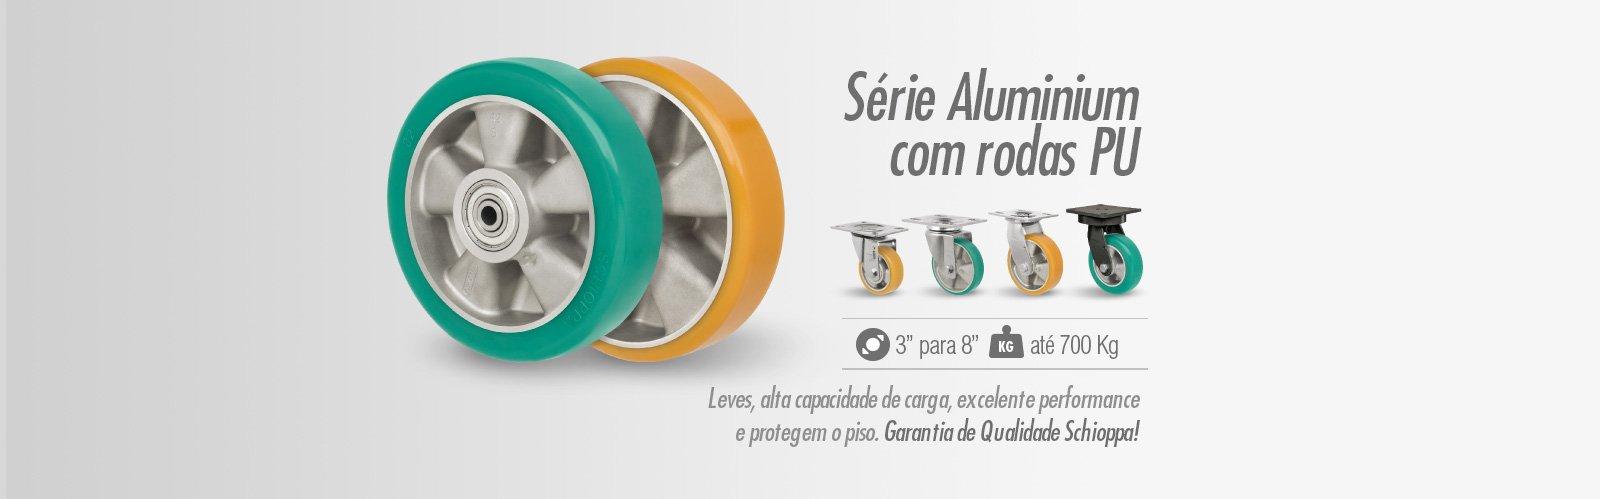 Série Aluminium com rodas PU